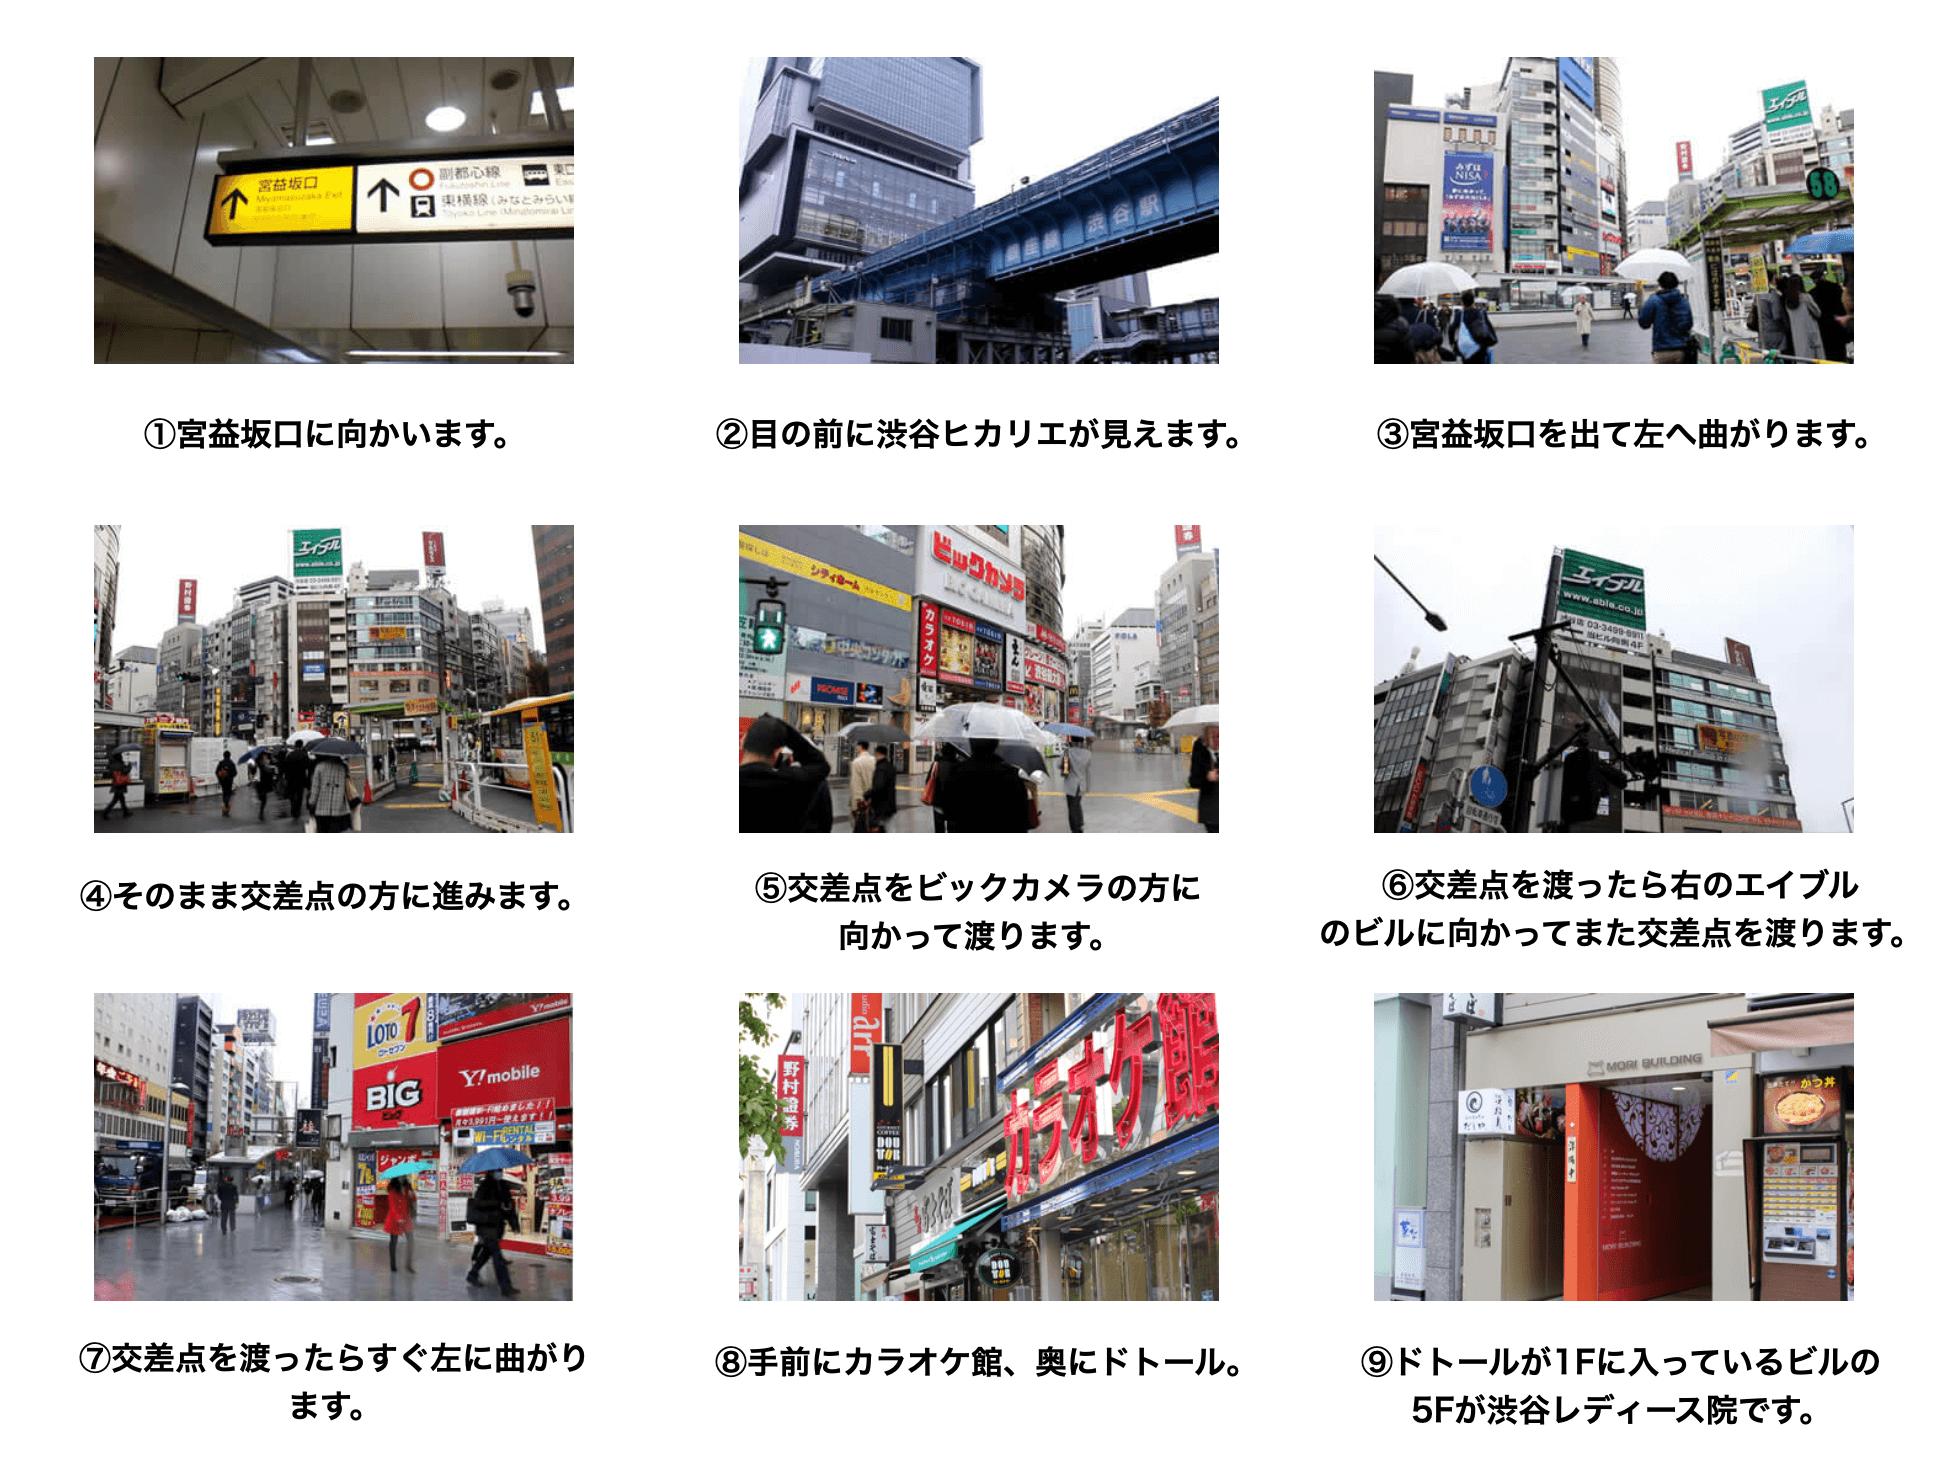 AGAスキンクリニック 渋谷レディース院に迷わず辿り着くための完全MAP